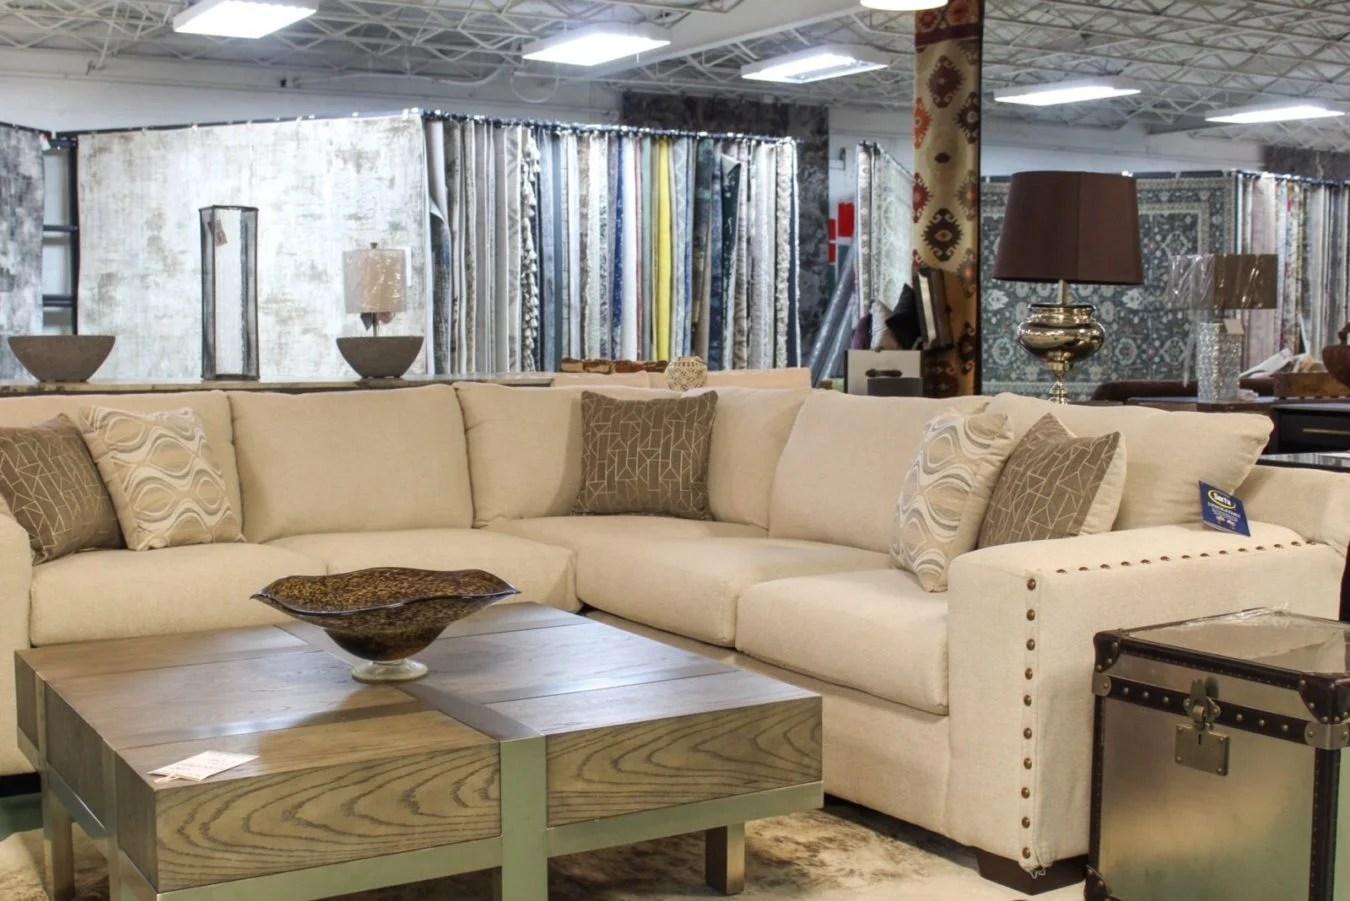 portofino cream colored sofa